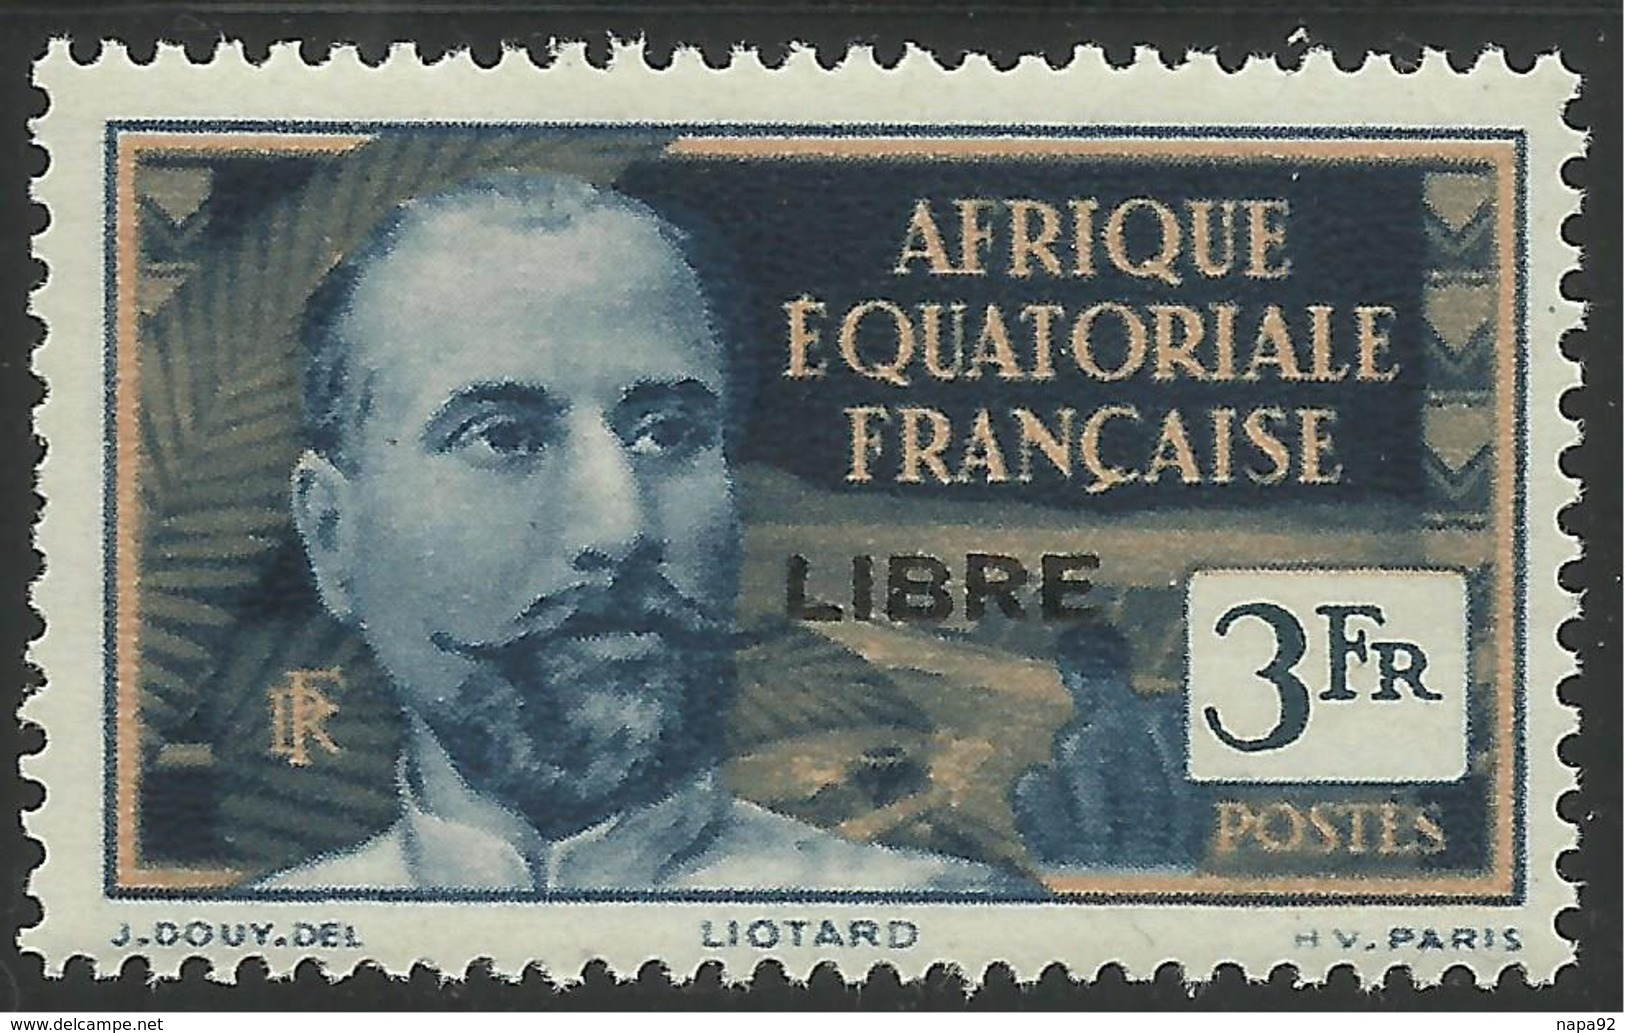 AFRIQUE EQUATORIALE FRANCAISE - AEF - A.E.F. - 1941 - YT 124** - Ungebraucht